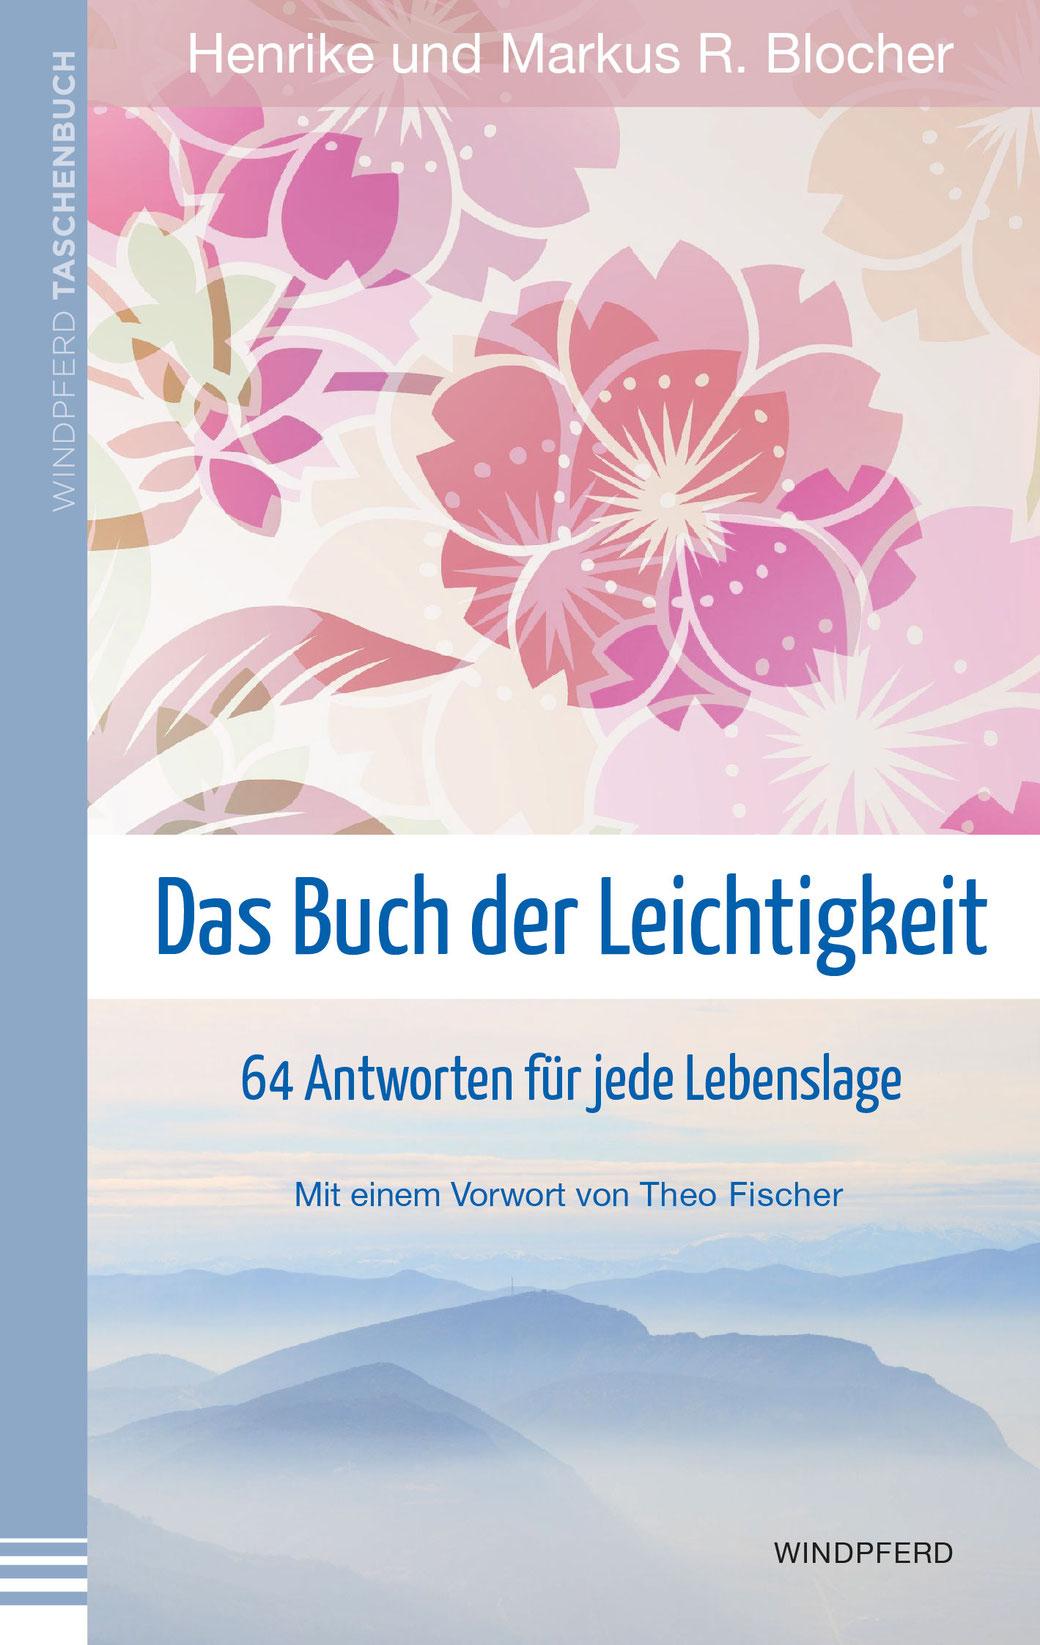 Henrike und Markus Blocher: Das Buch der Leichtigkeit